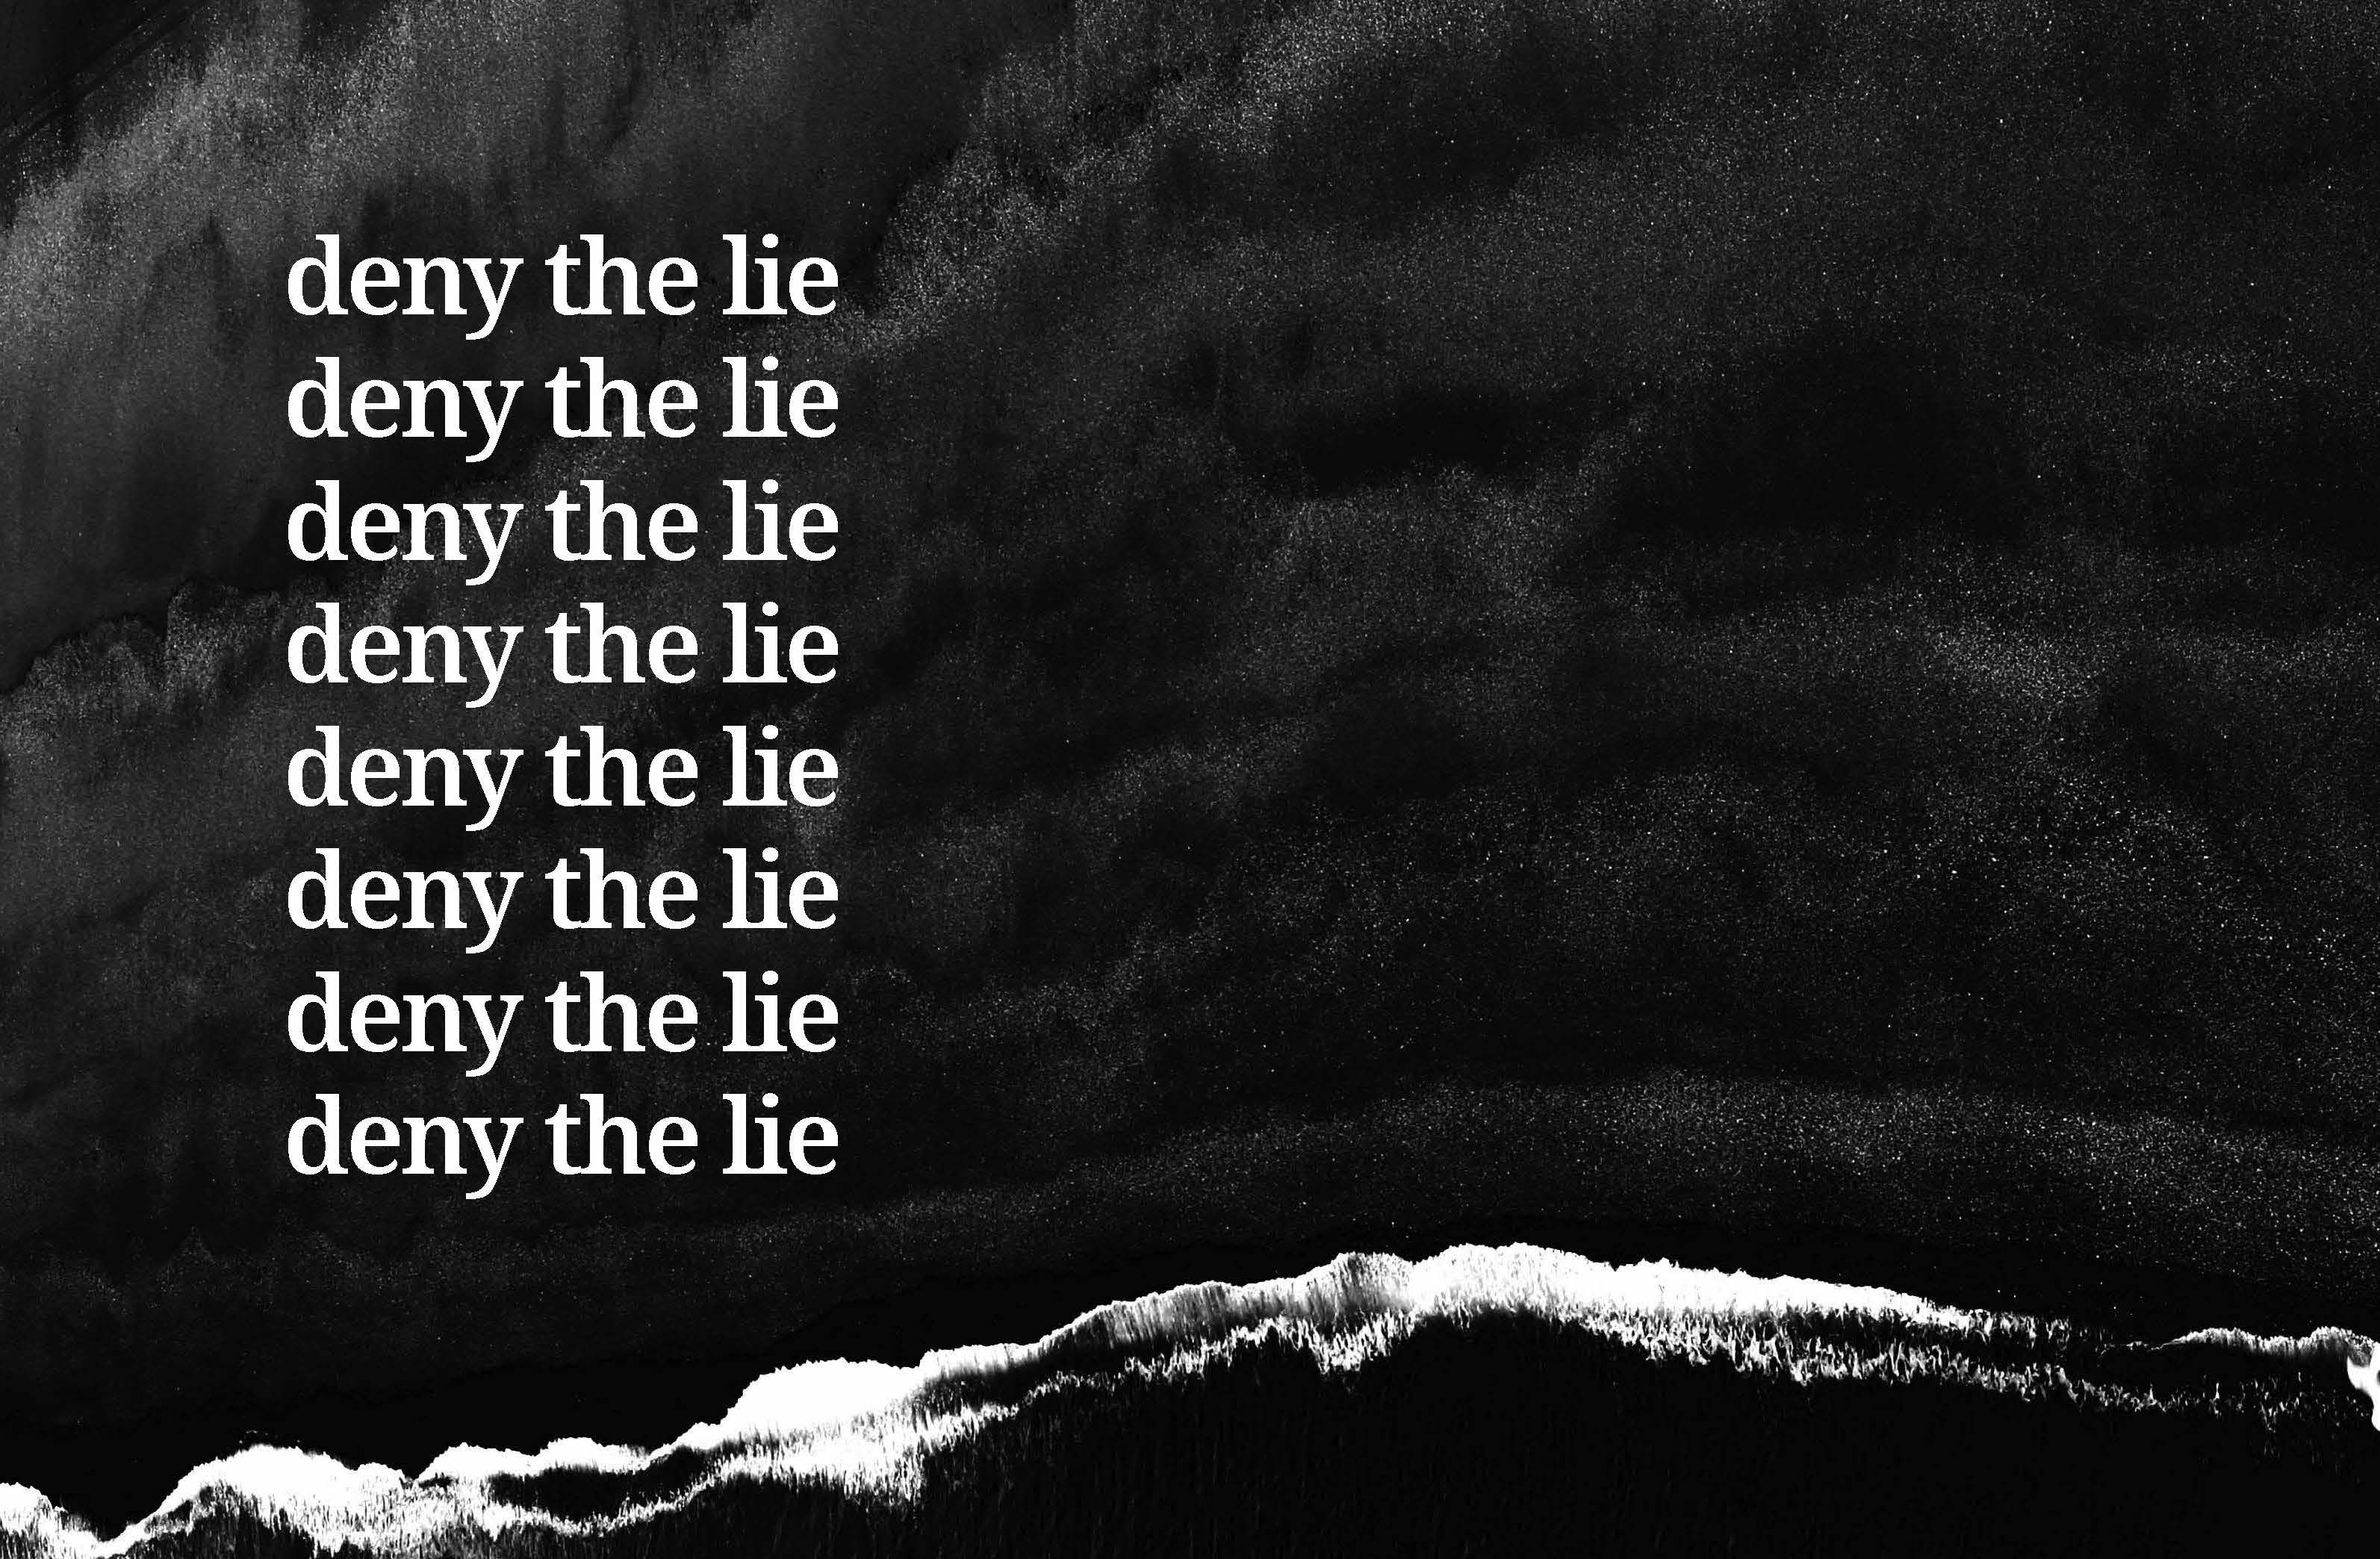 Deny The Lie - MEGAMORPHOSIS Magazine & Media